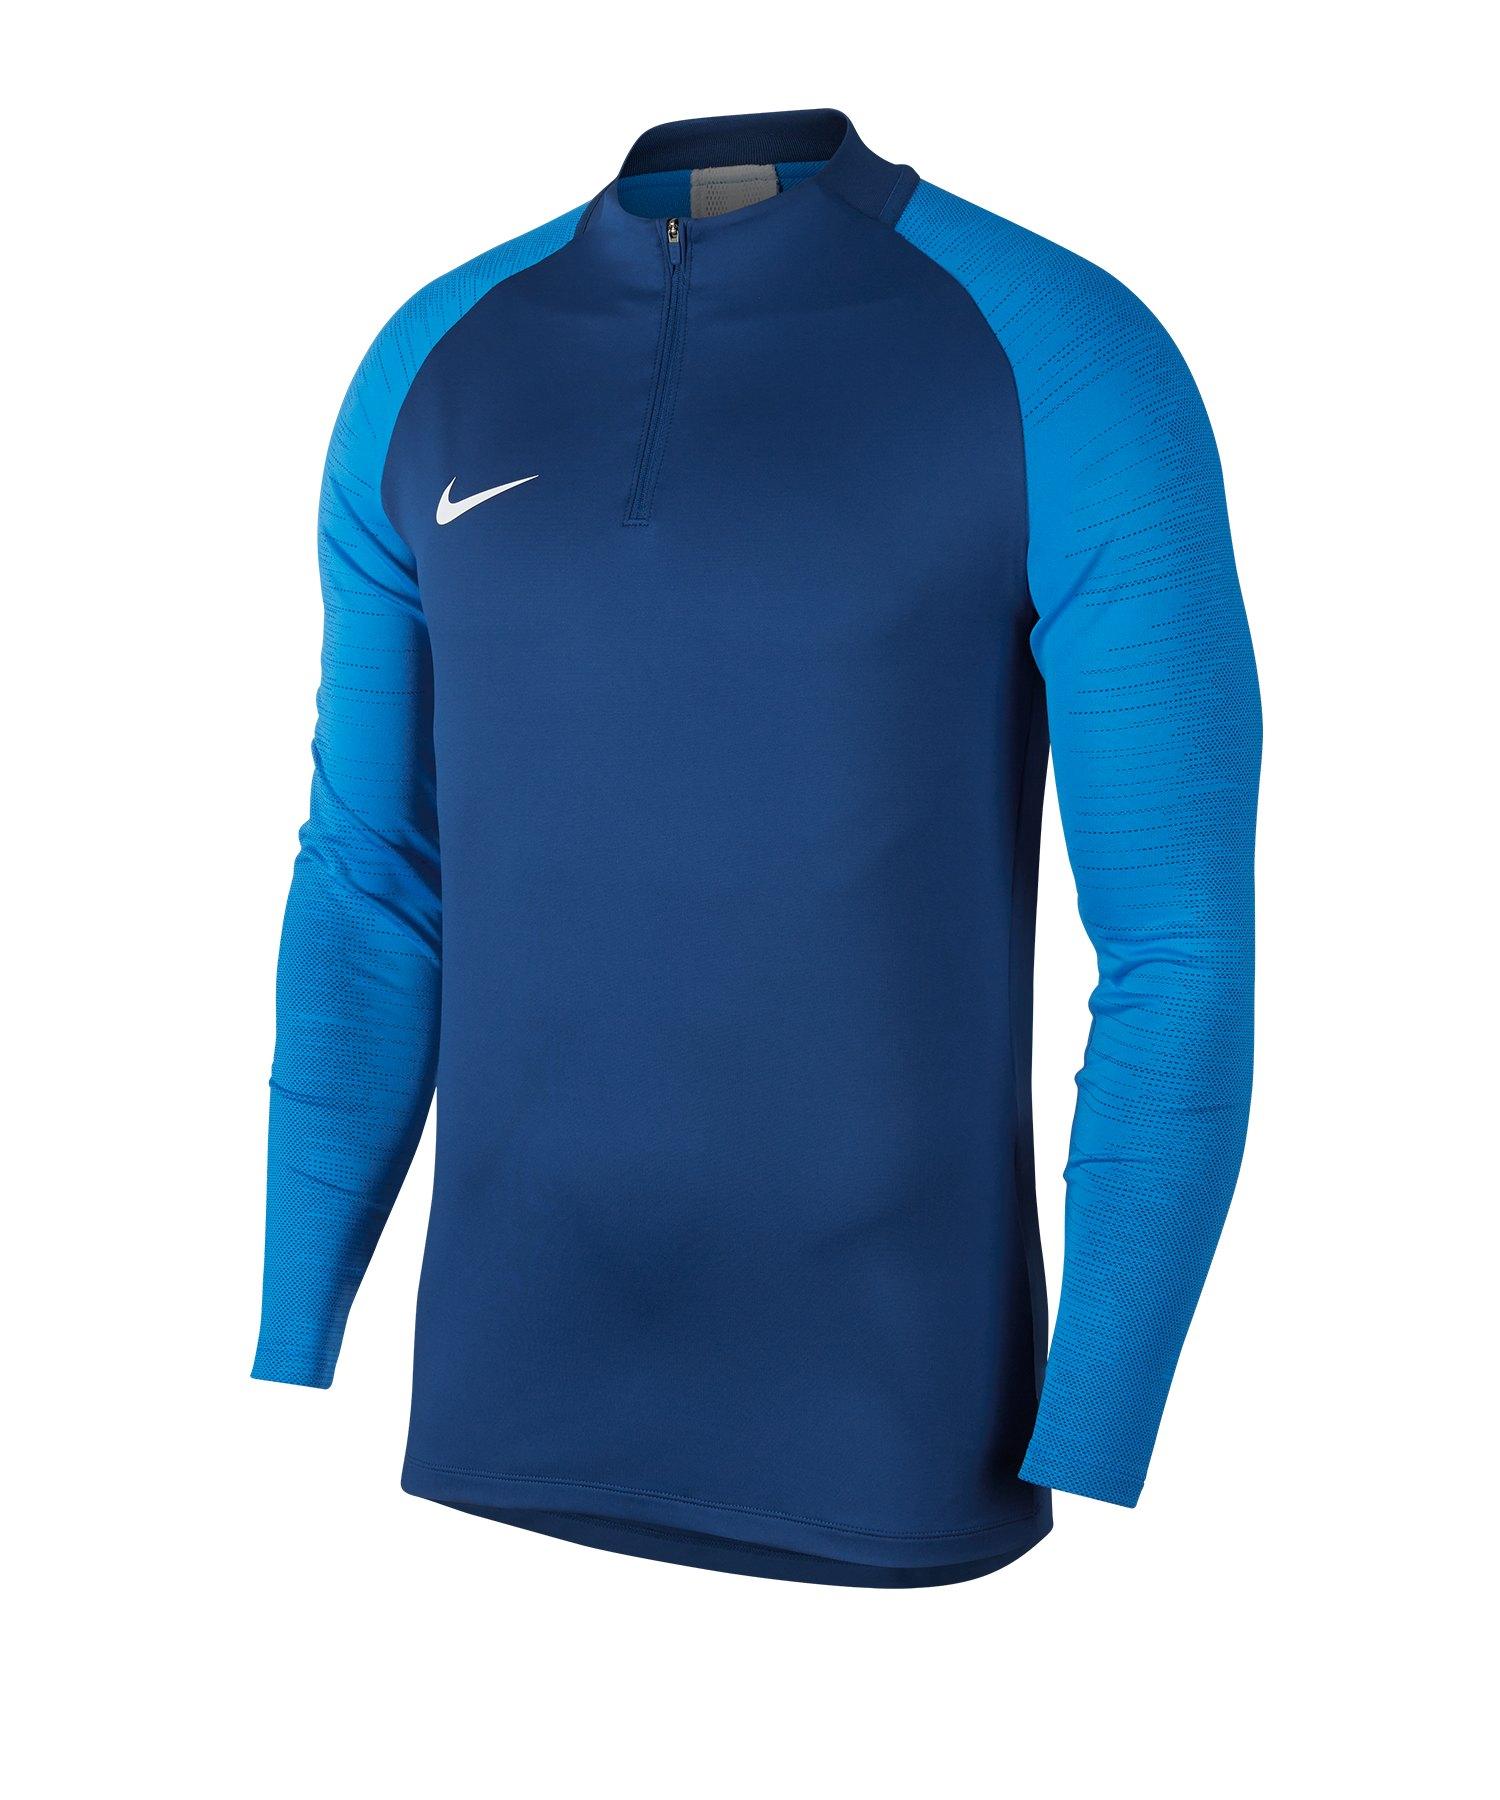 Nike Dri-FIT Strike 1/4 Zip Drill Top Blau F435 - blau